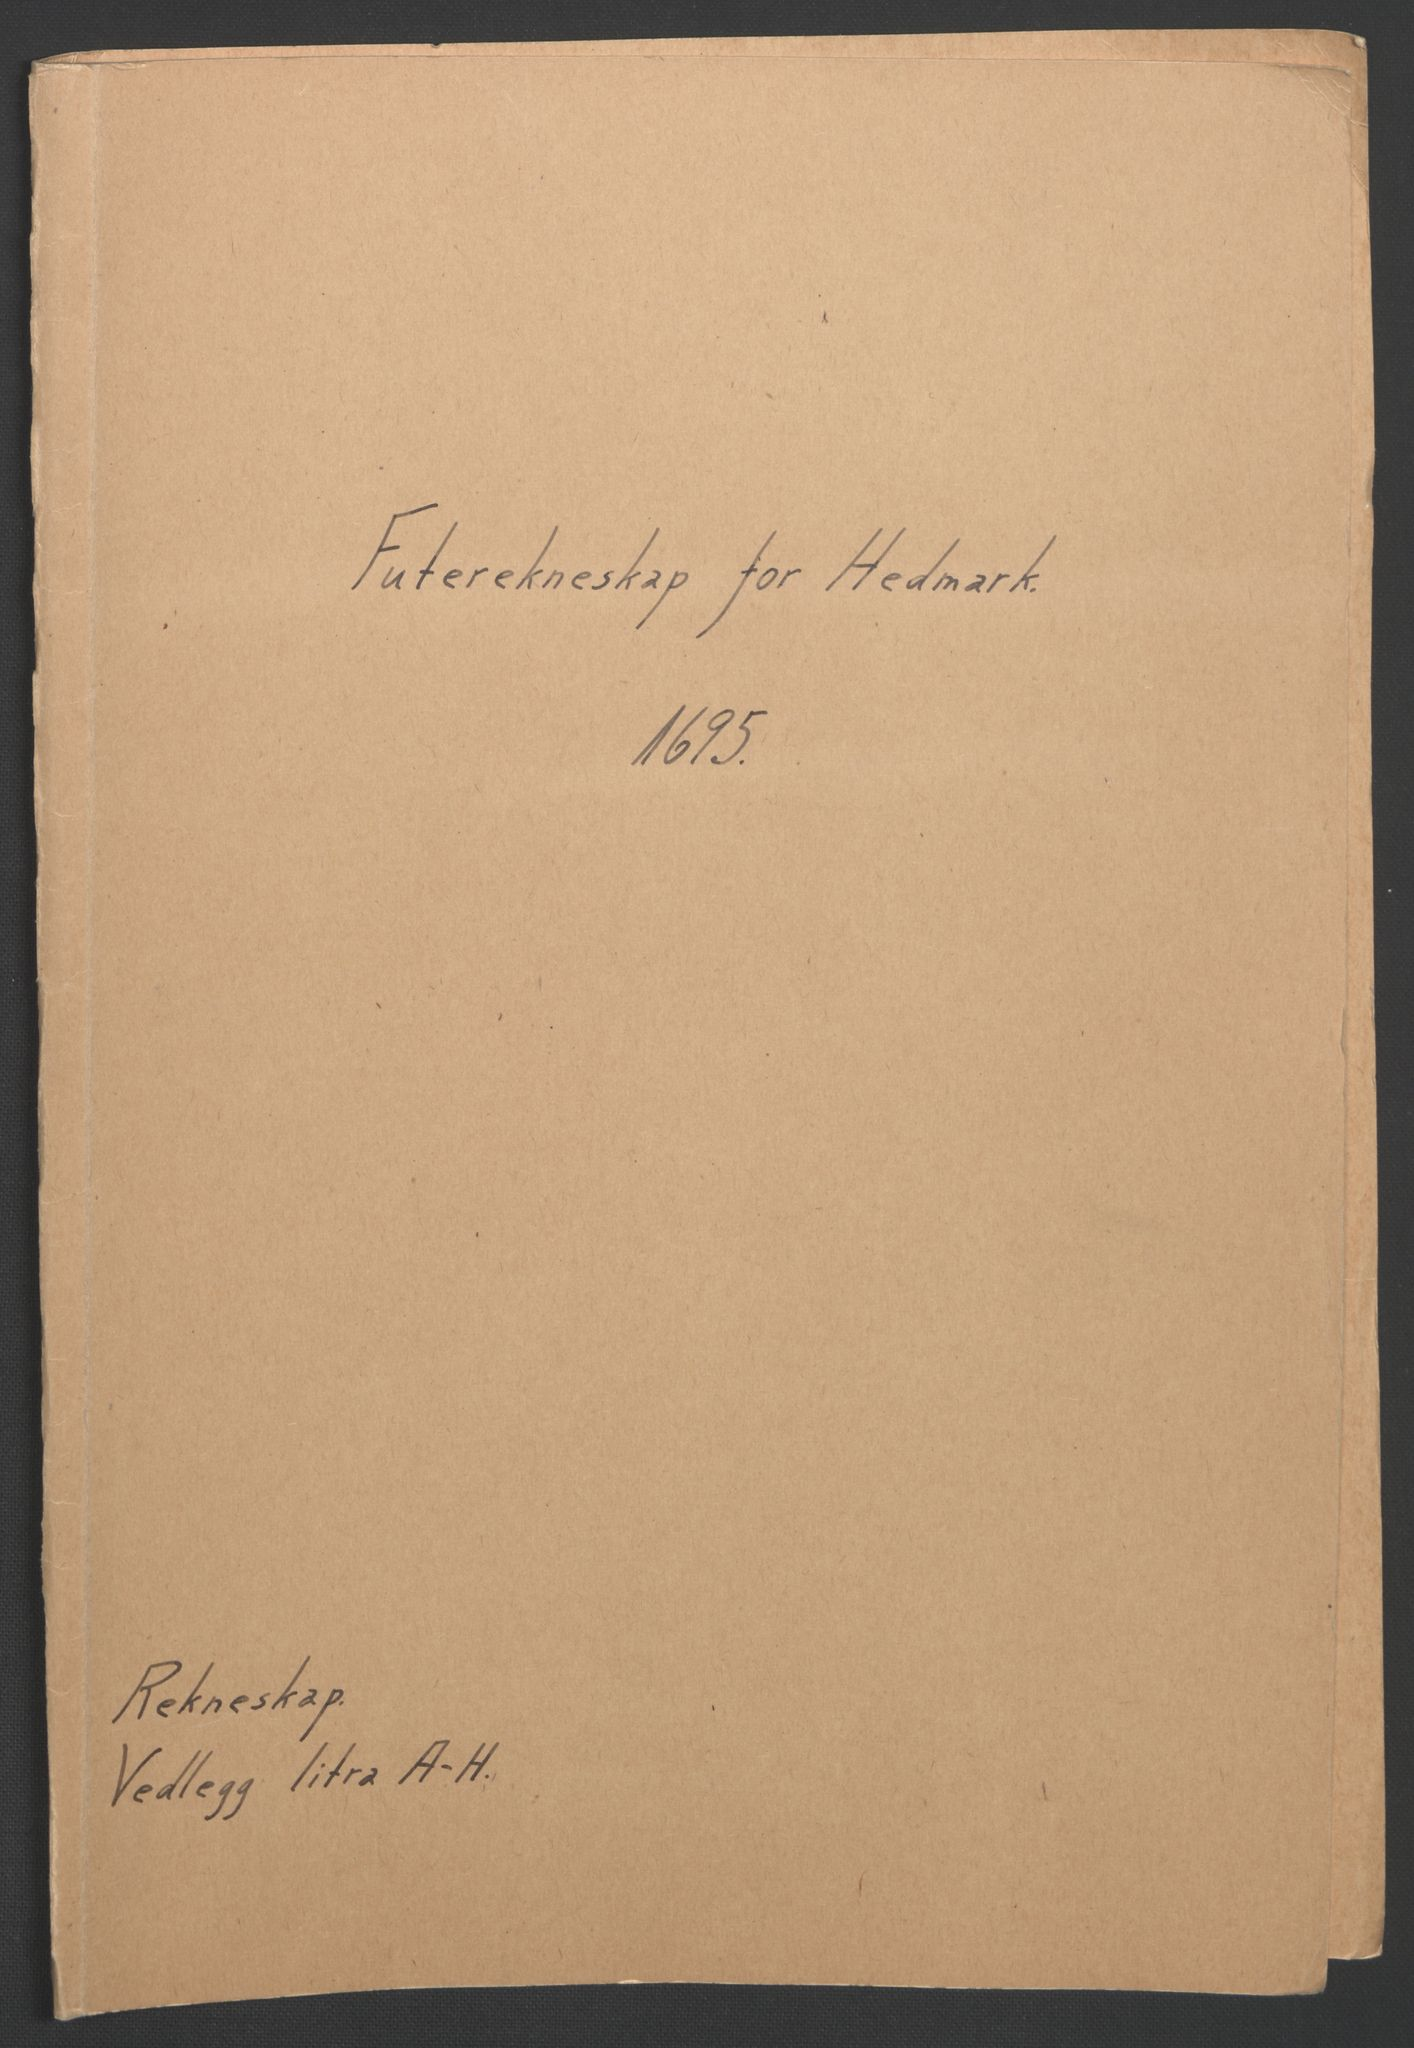 RA, Rentekammeret inntil 1814, Reviderte regnskaper, Fogderegnskap, R16/L1036: Fogderegnskap Hedmark, 1695-1696, s. 2